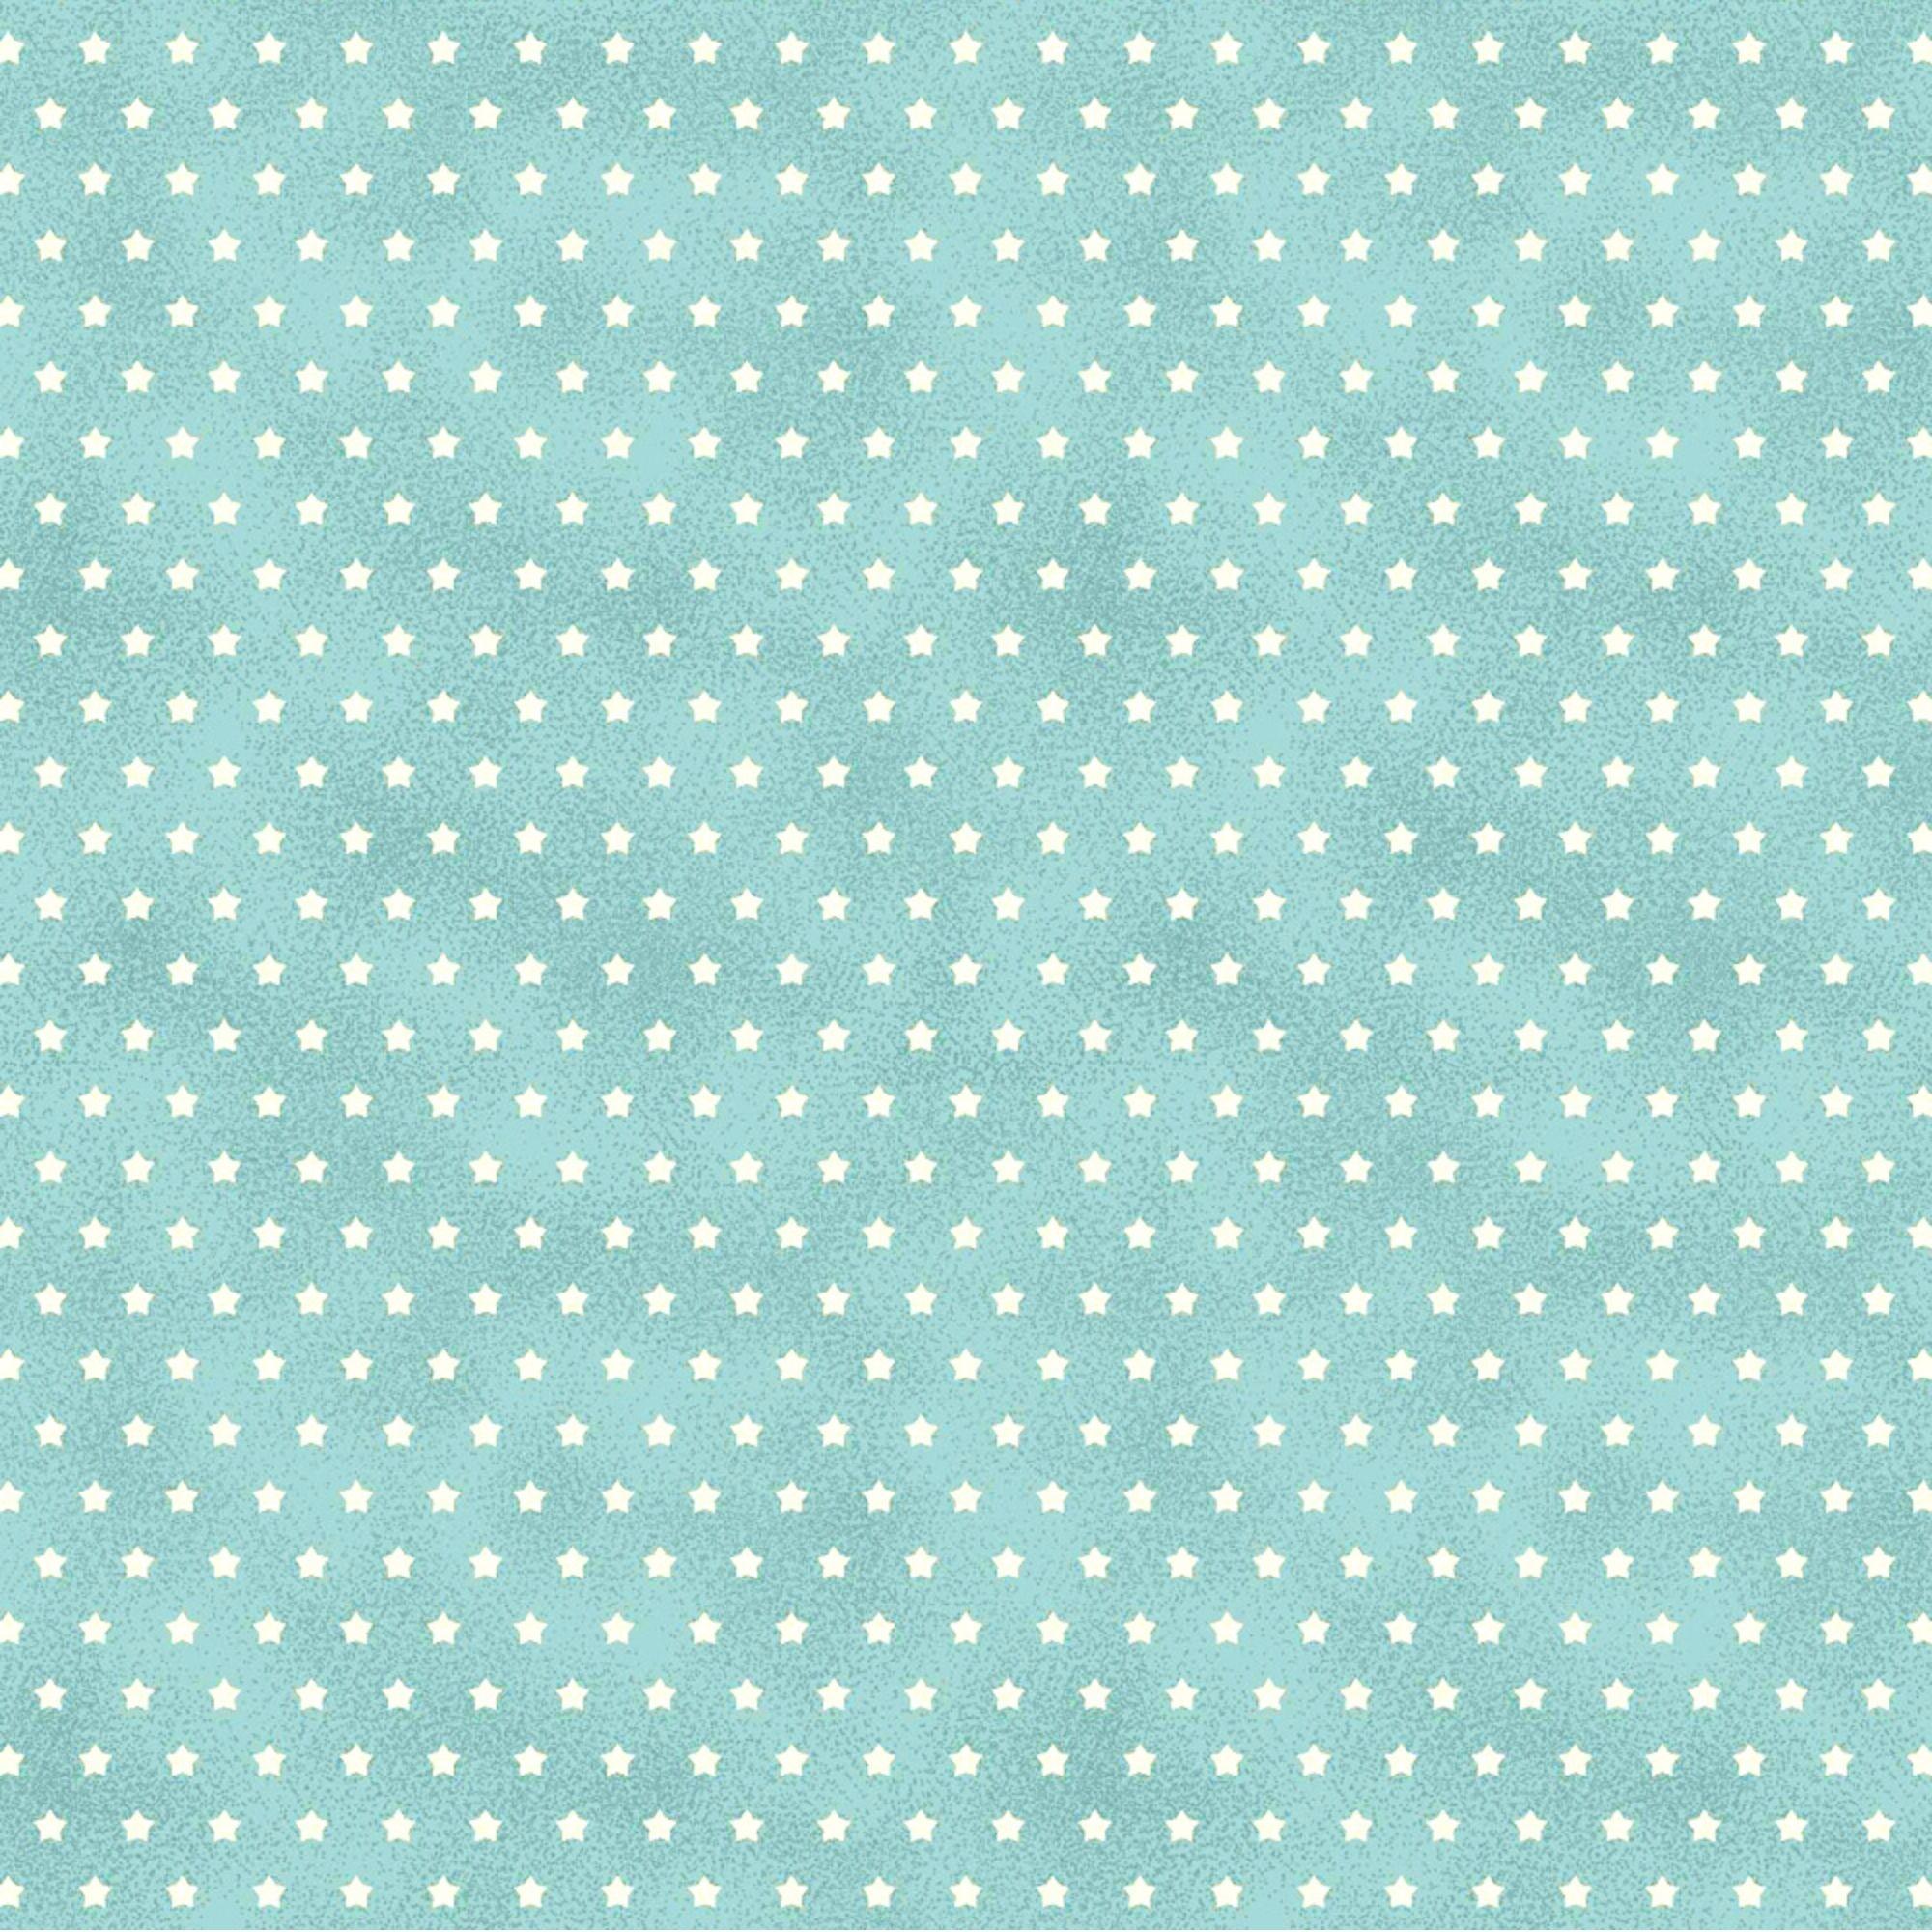 Tecido Tricoline Mini Estrelas - Fundo Poeira Tiffany - Preço de 50cm x 150cm